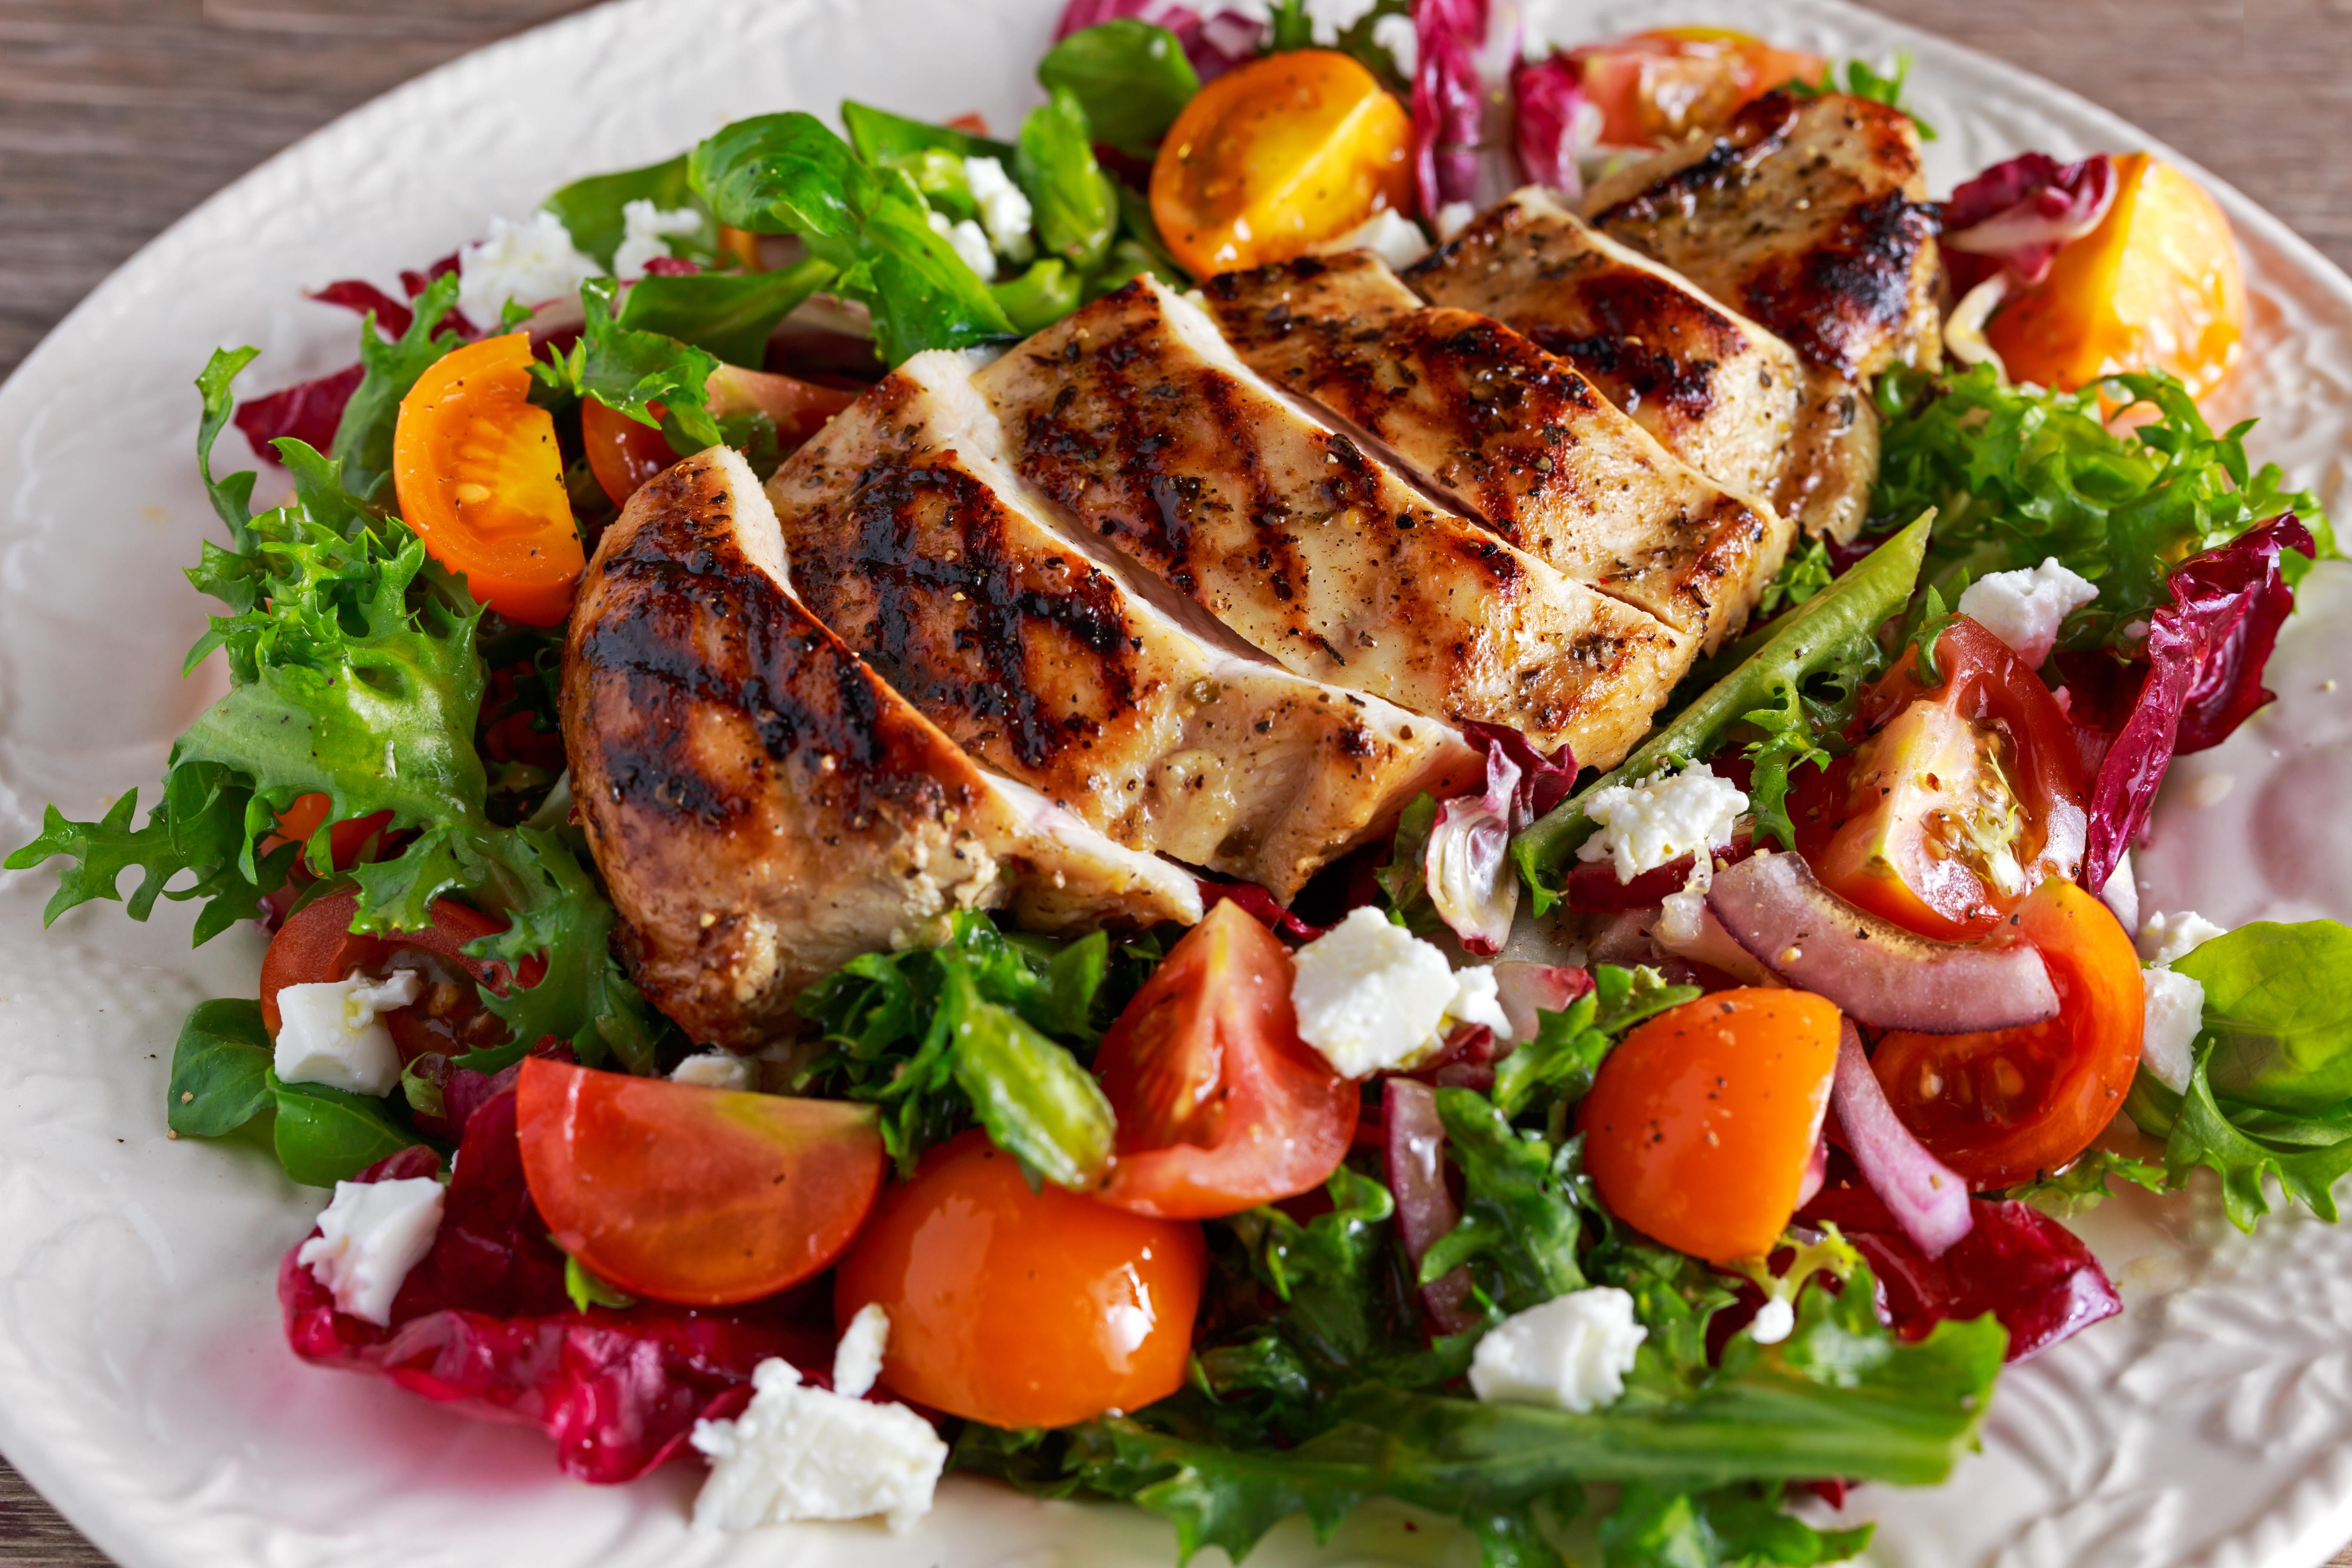 Dinner Ideas Healthy  Healthy Dinner Ideas